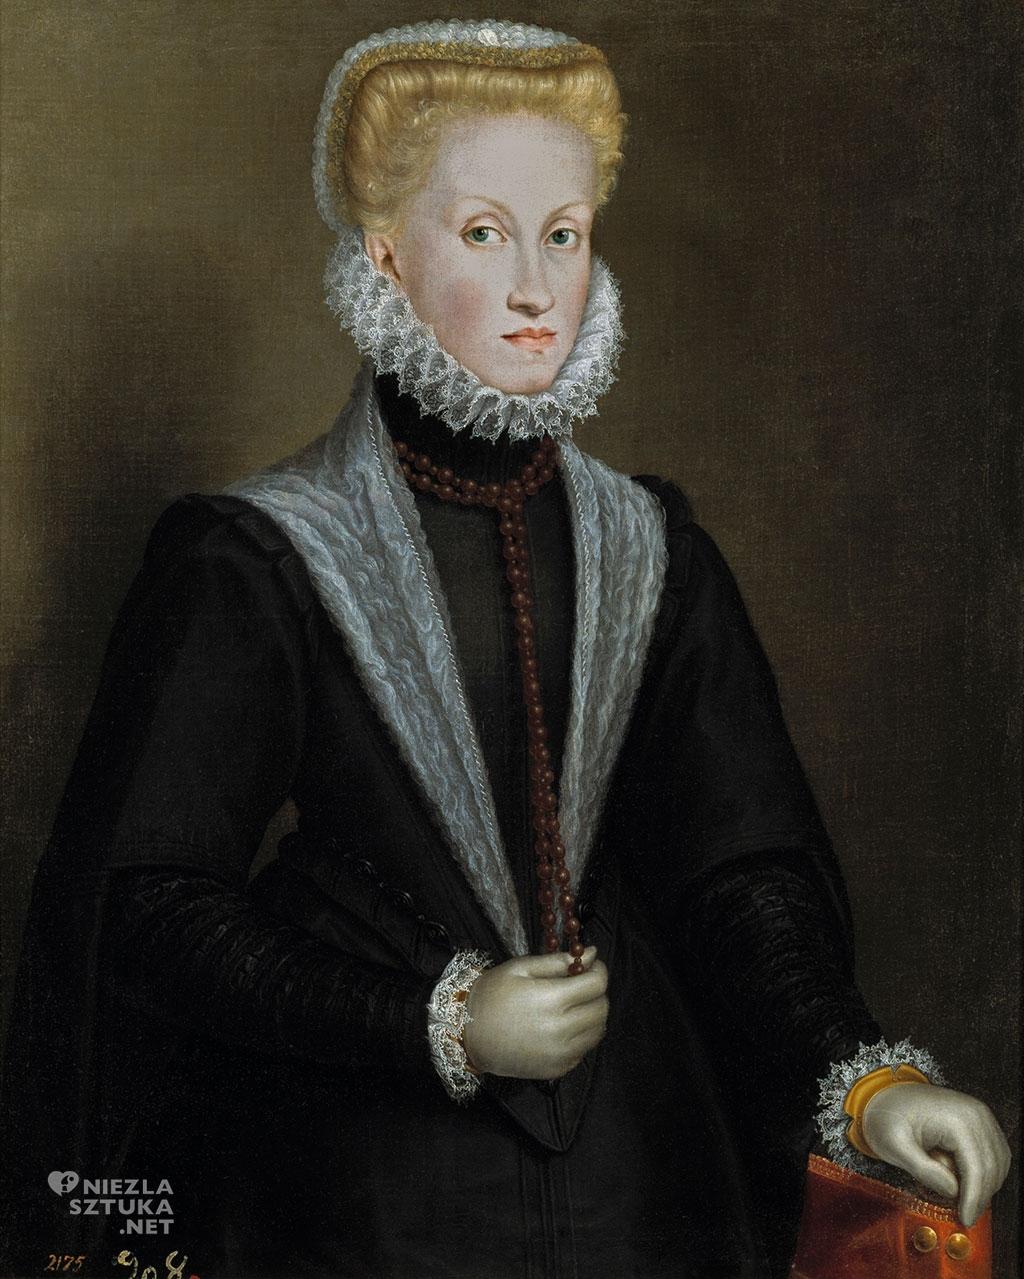 Sofonisba Anguissola <em>Portret królowej Anny Austriaczki</em> | ok. 1570